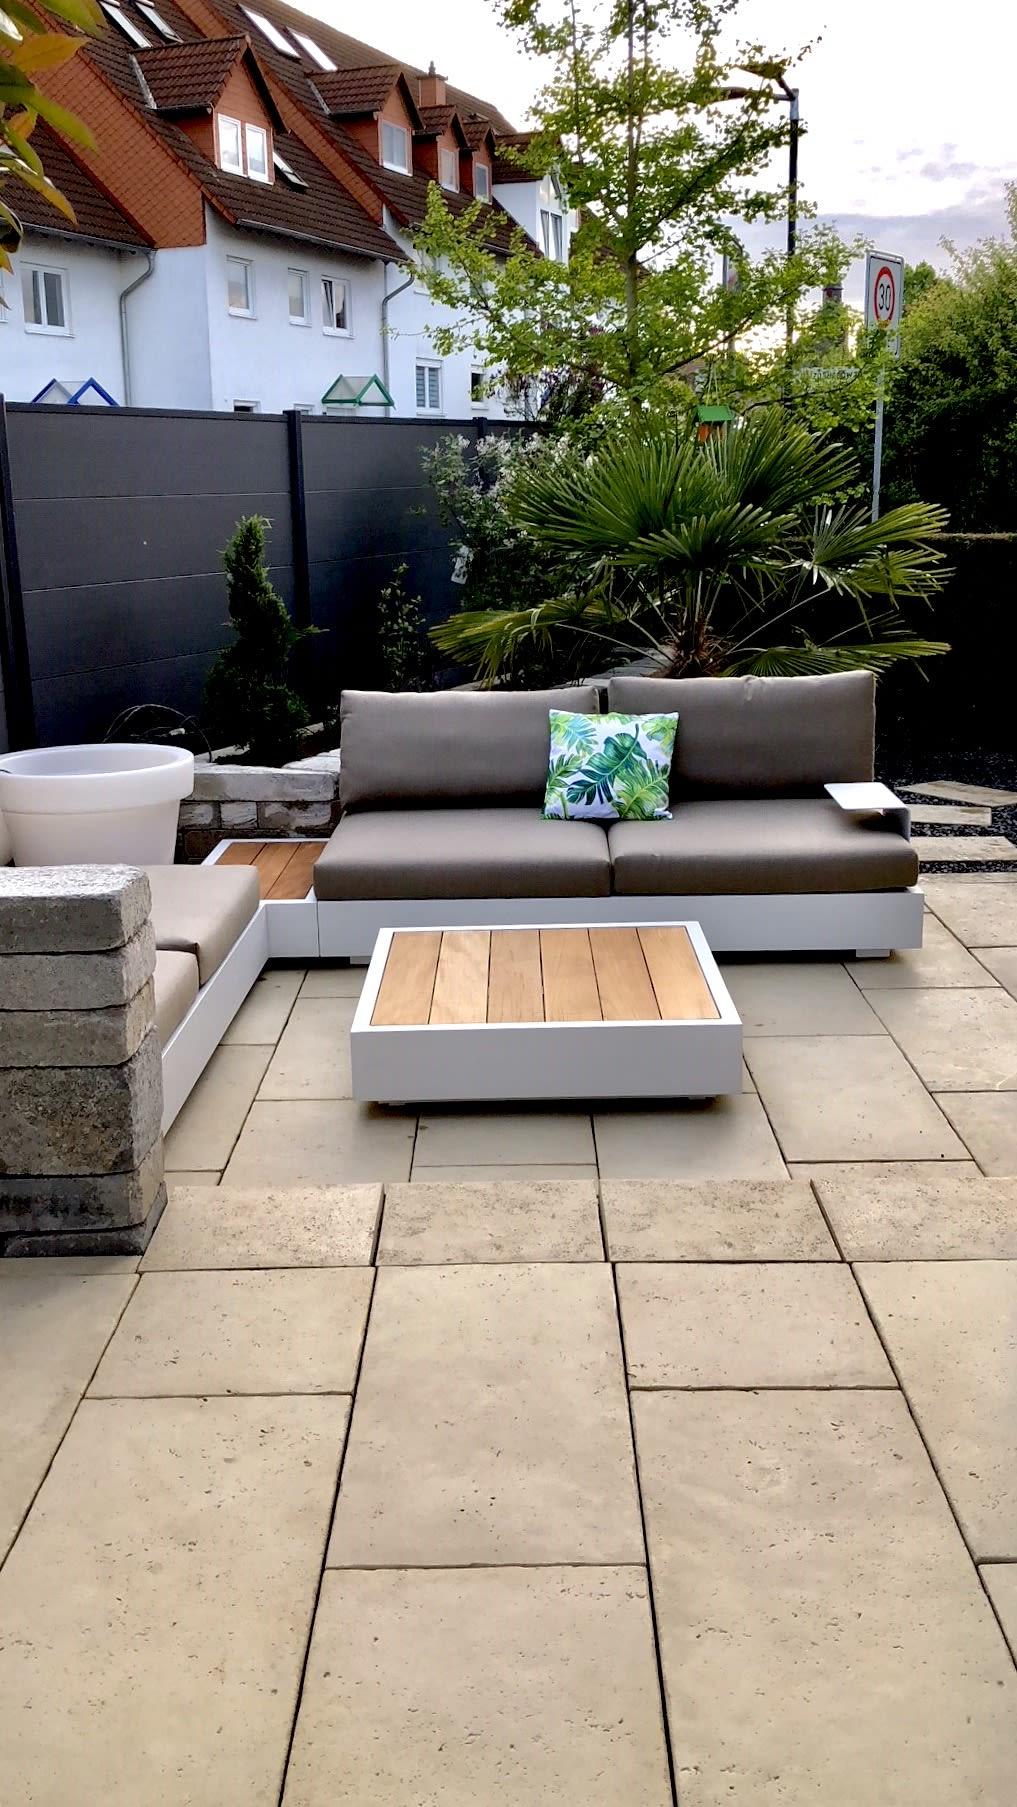 Garten mit Steinplatten und Holzsitzecke